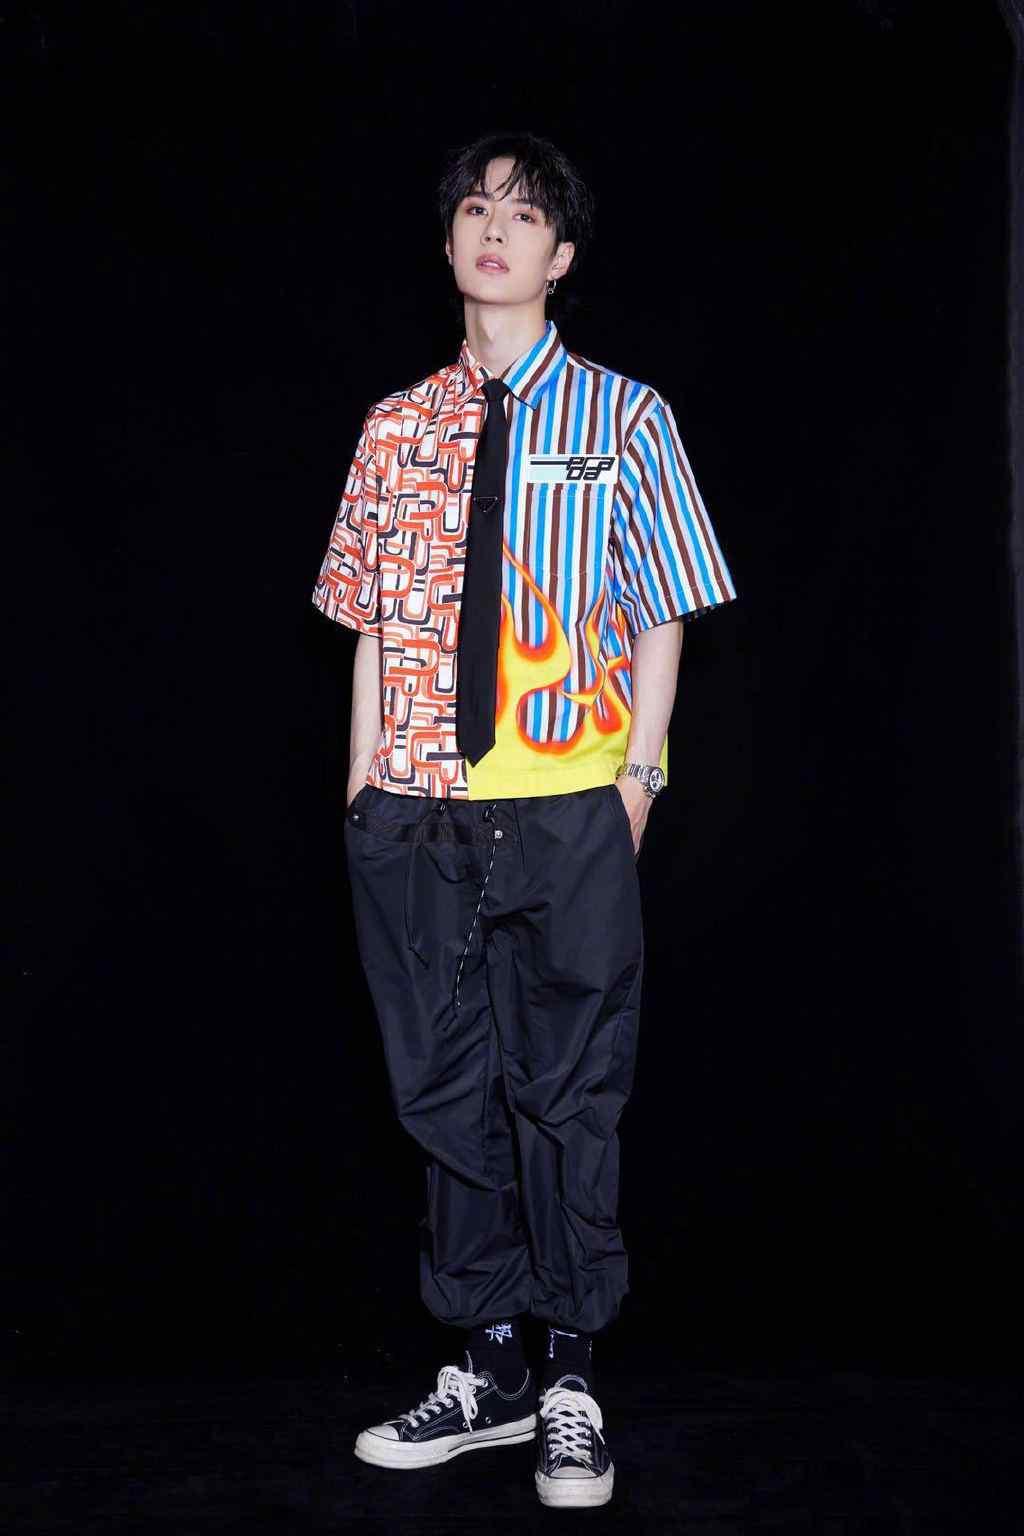 王一博酷炫潮流时尚搭配写真图片